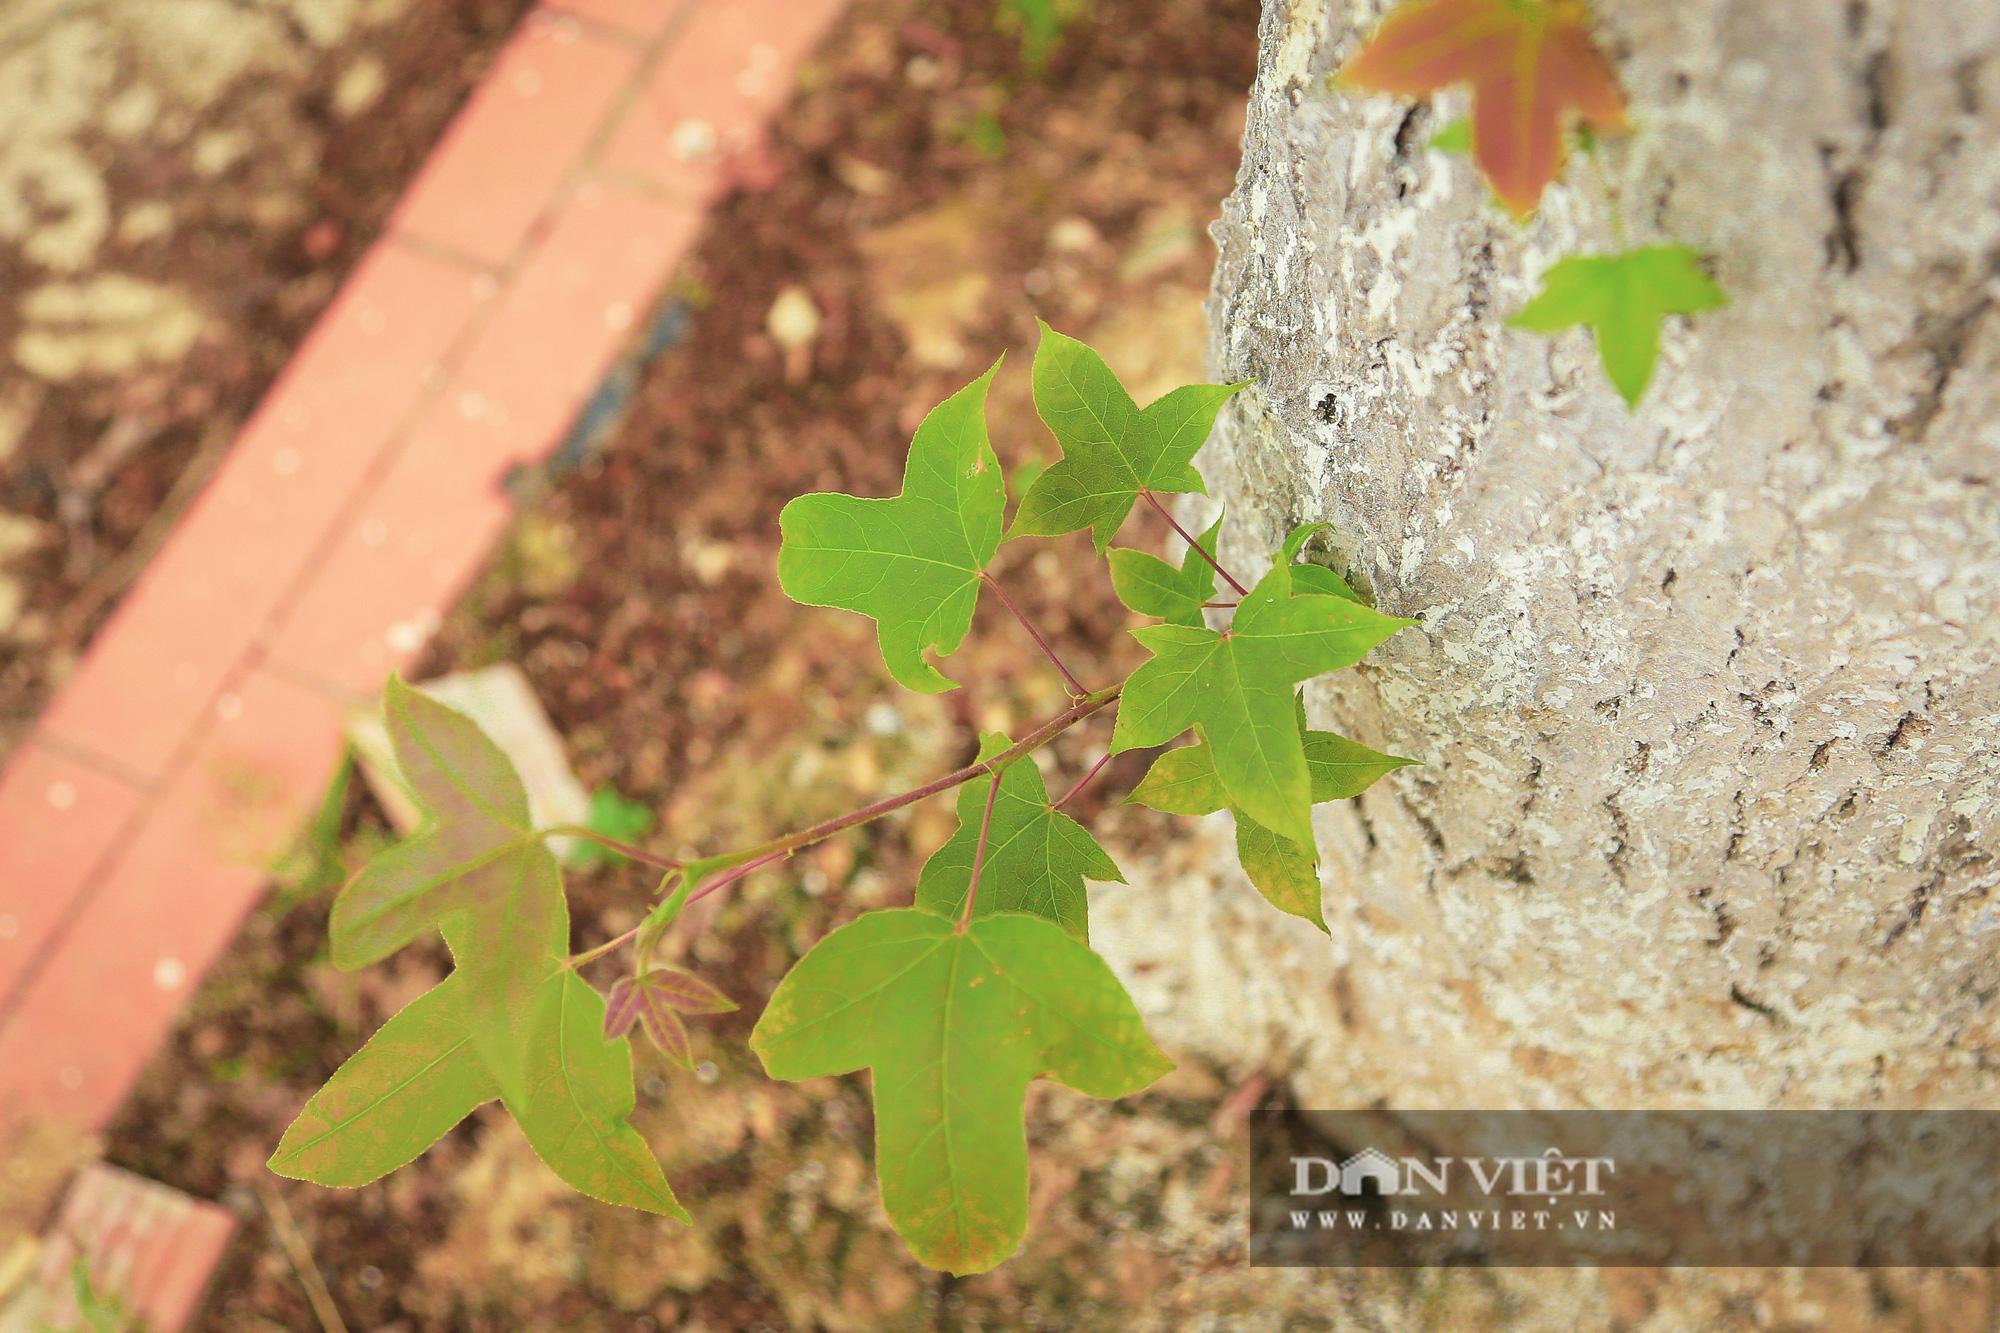 Ngỡ ngàng loài cây giống hệt phong lá đỏ xanh tốt giữa phố Hà Nội - Ảnh 7.